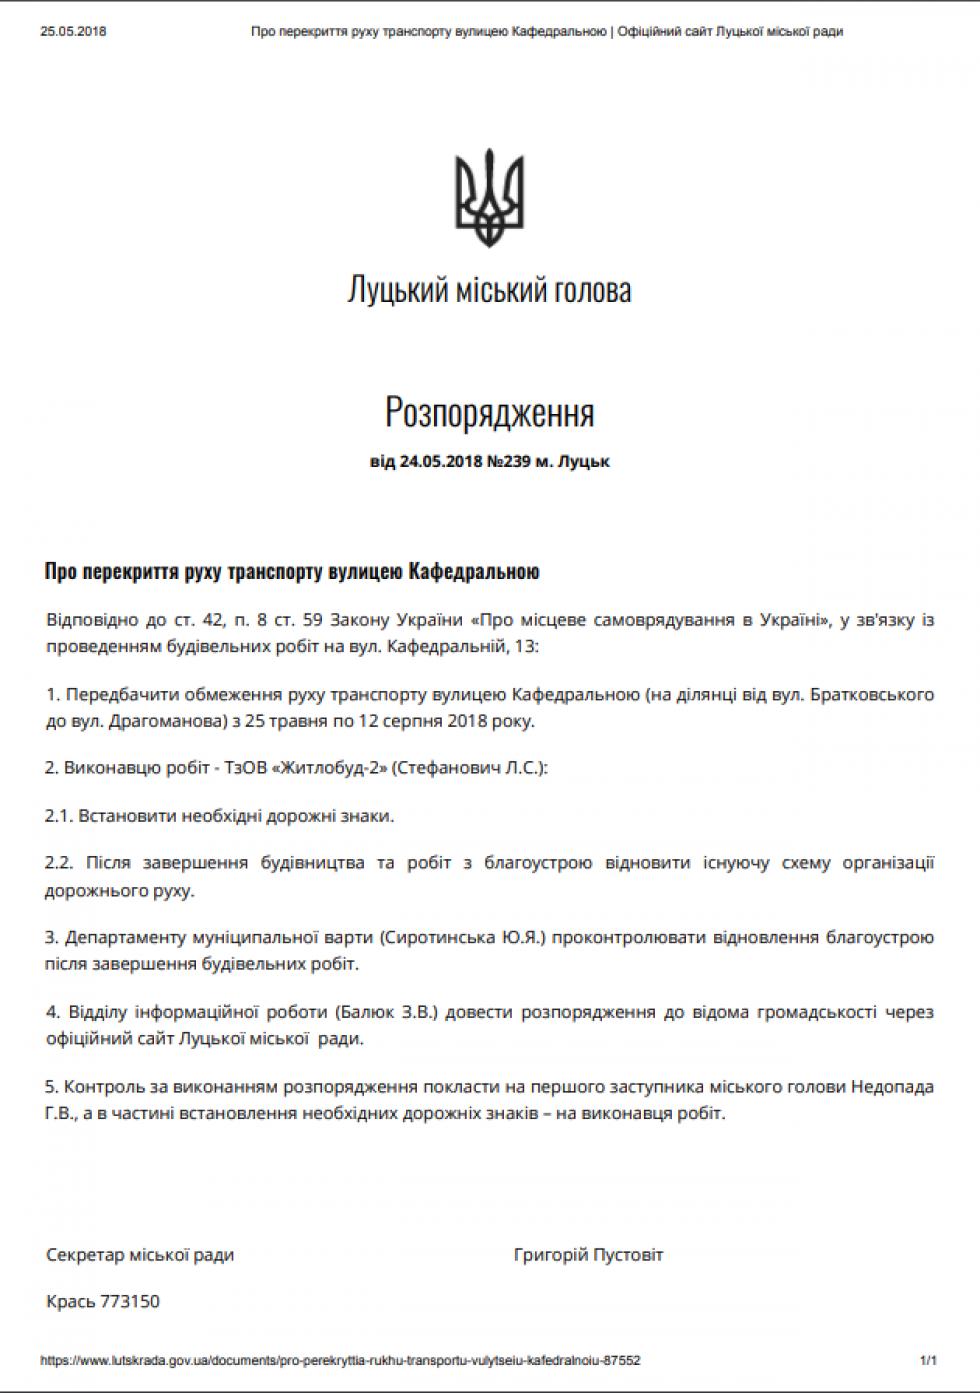 Скріншот документу